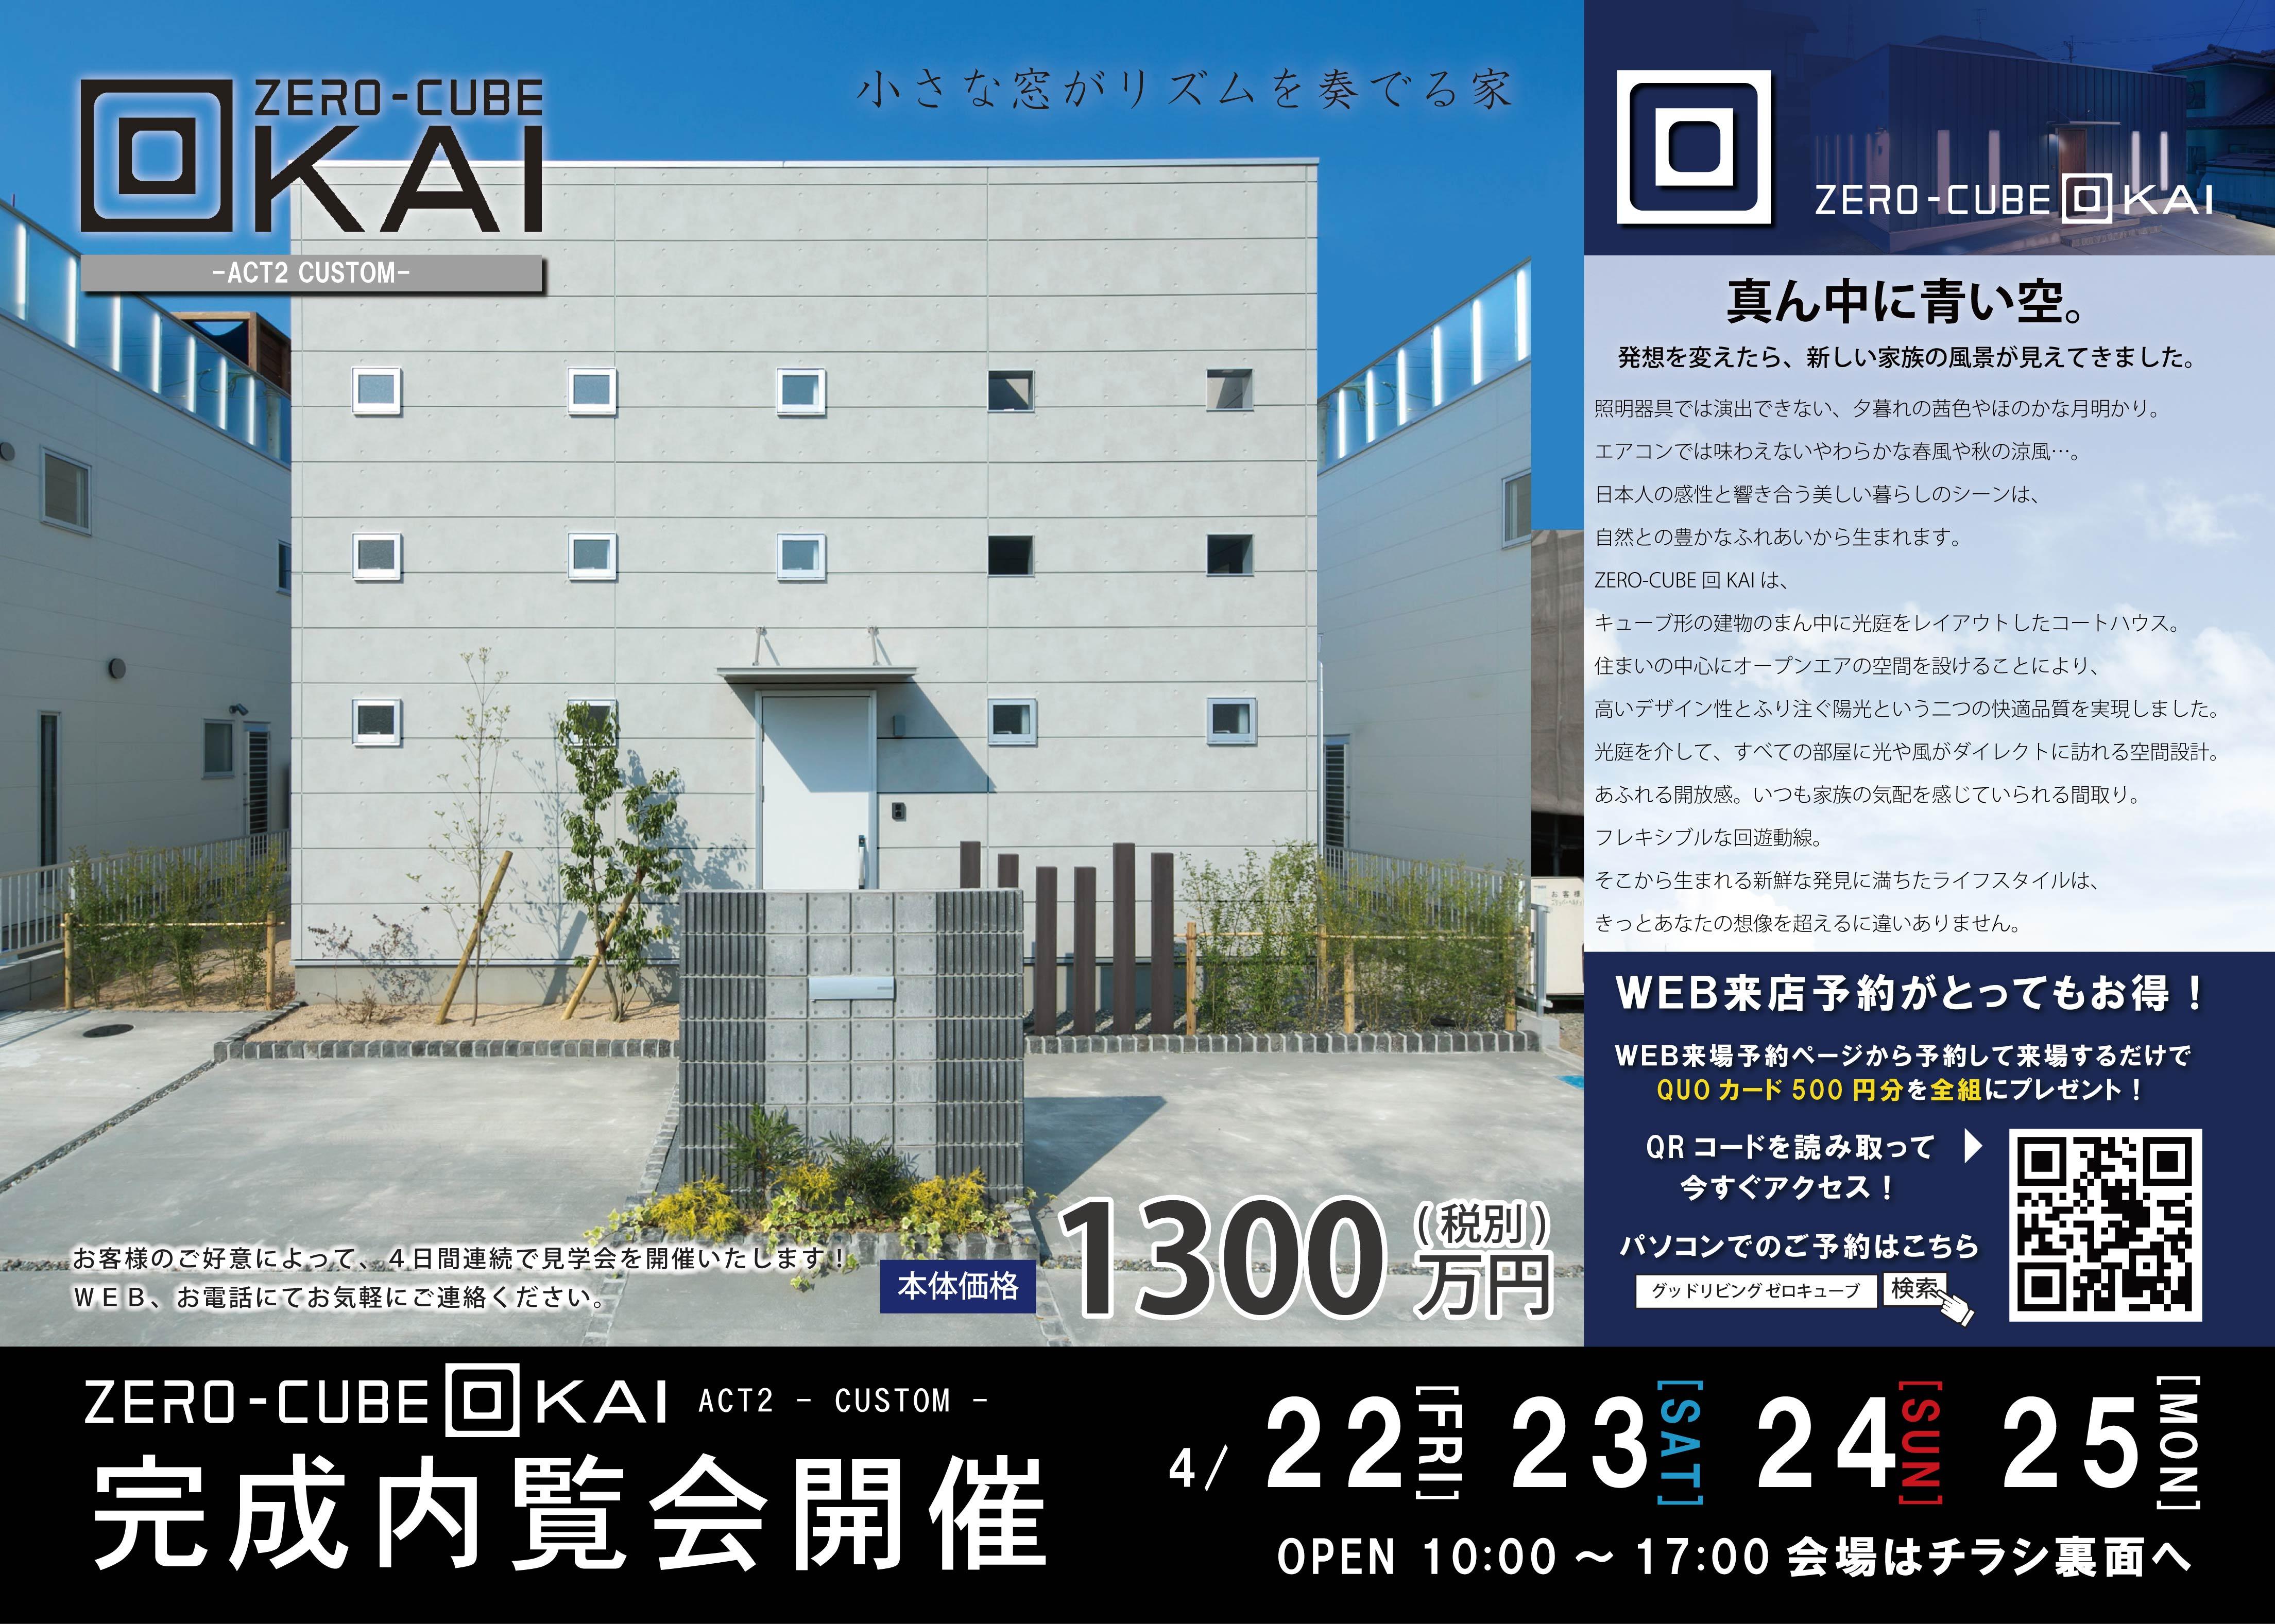 160422_ゼロキューブ回完成見学会-01.jpg